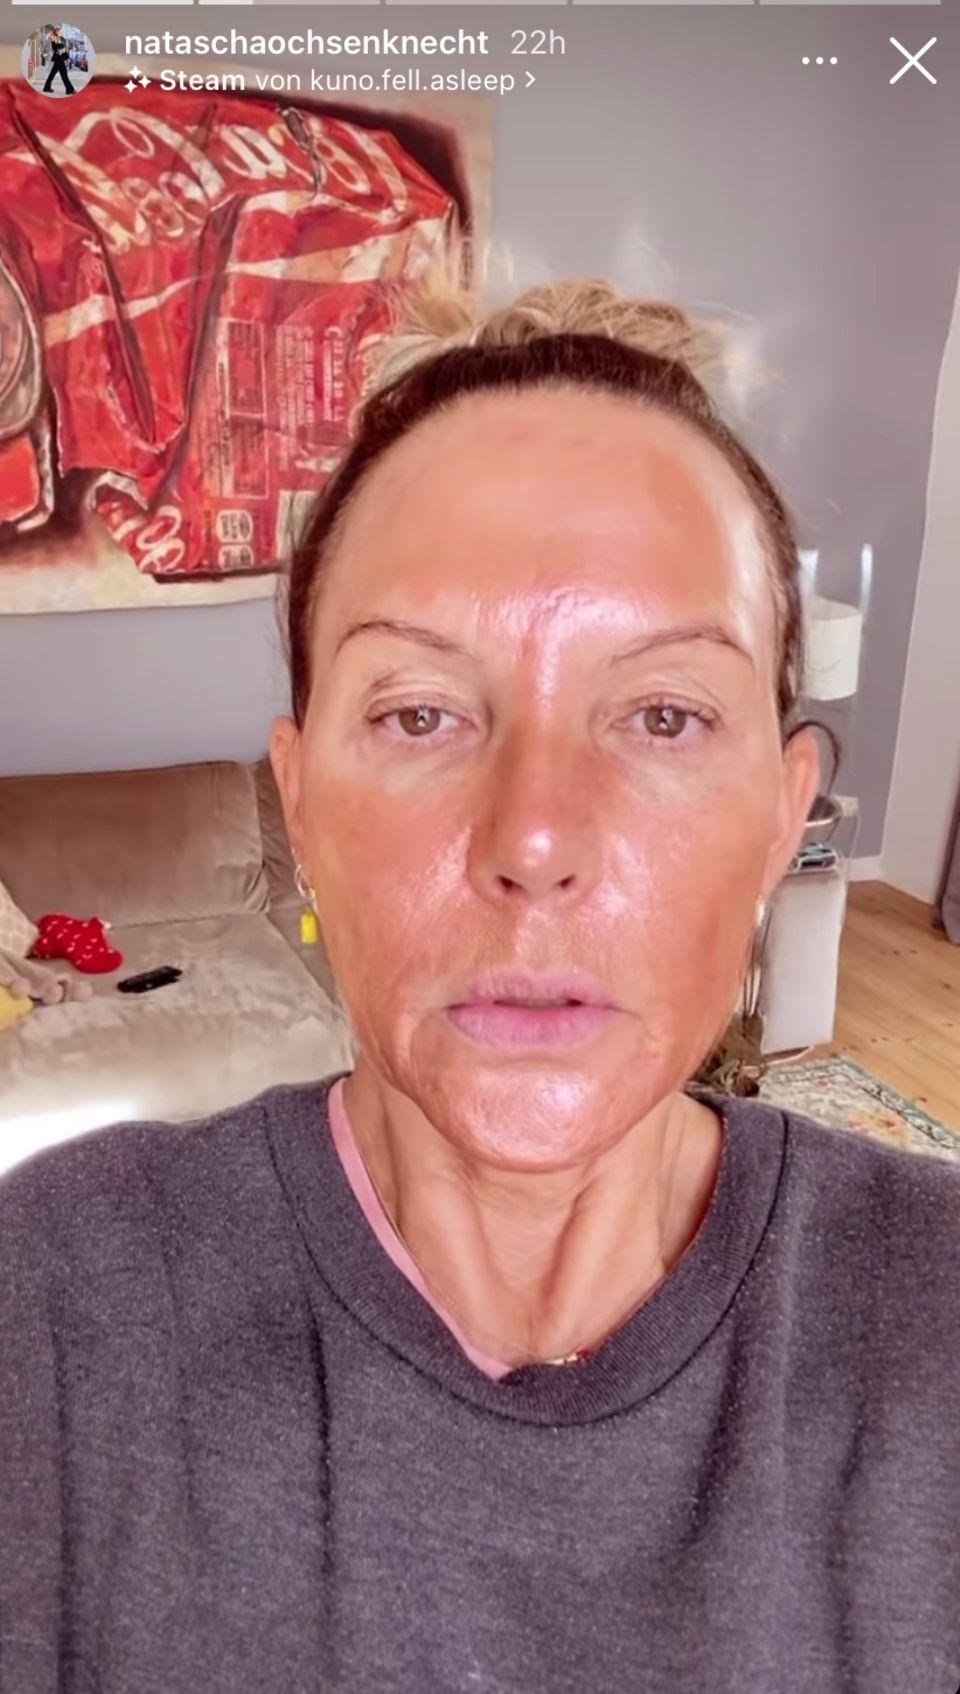 Gerötetes Gesicht und überstraffe Haut: Natascha Ochsenknecht erkennt sich selbst kaum wieder.